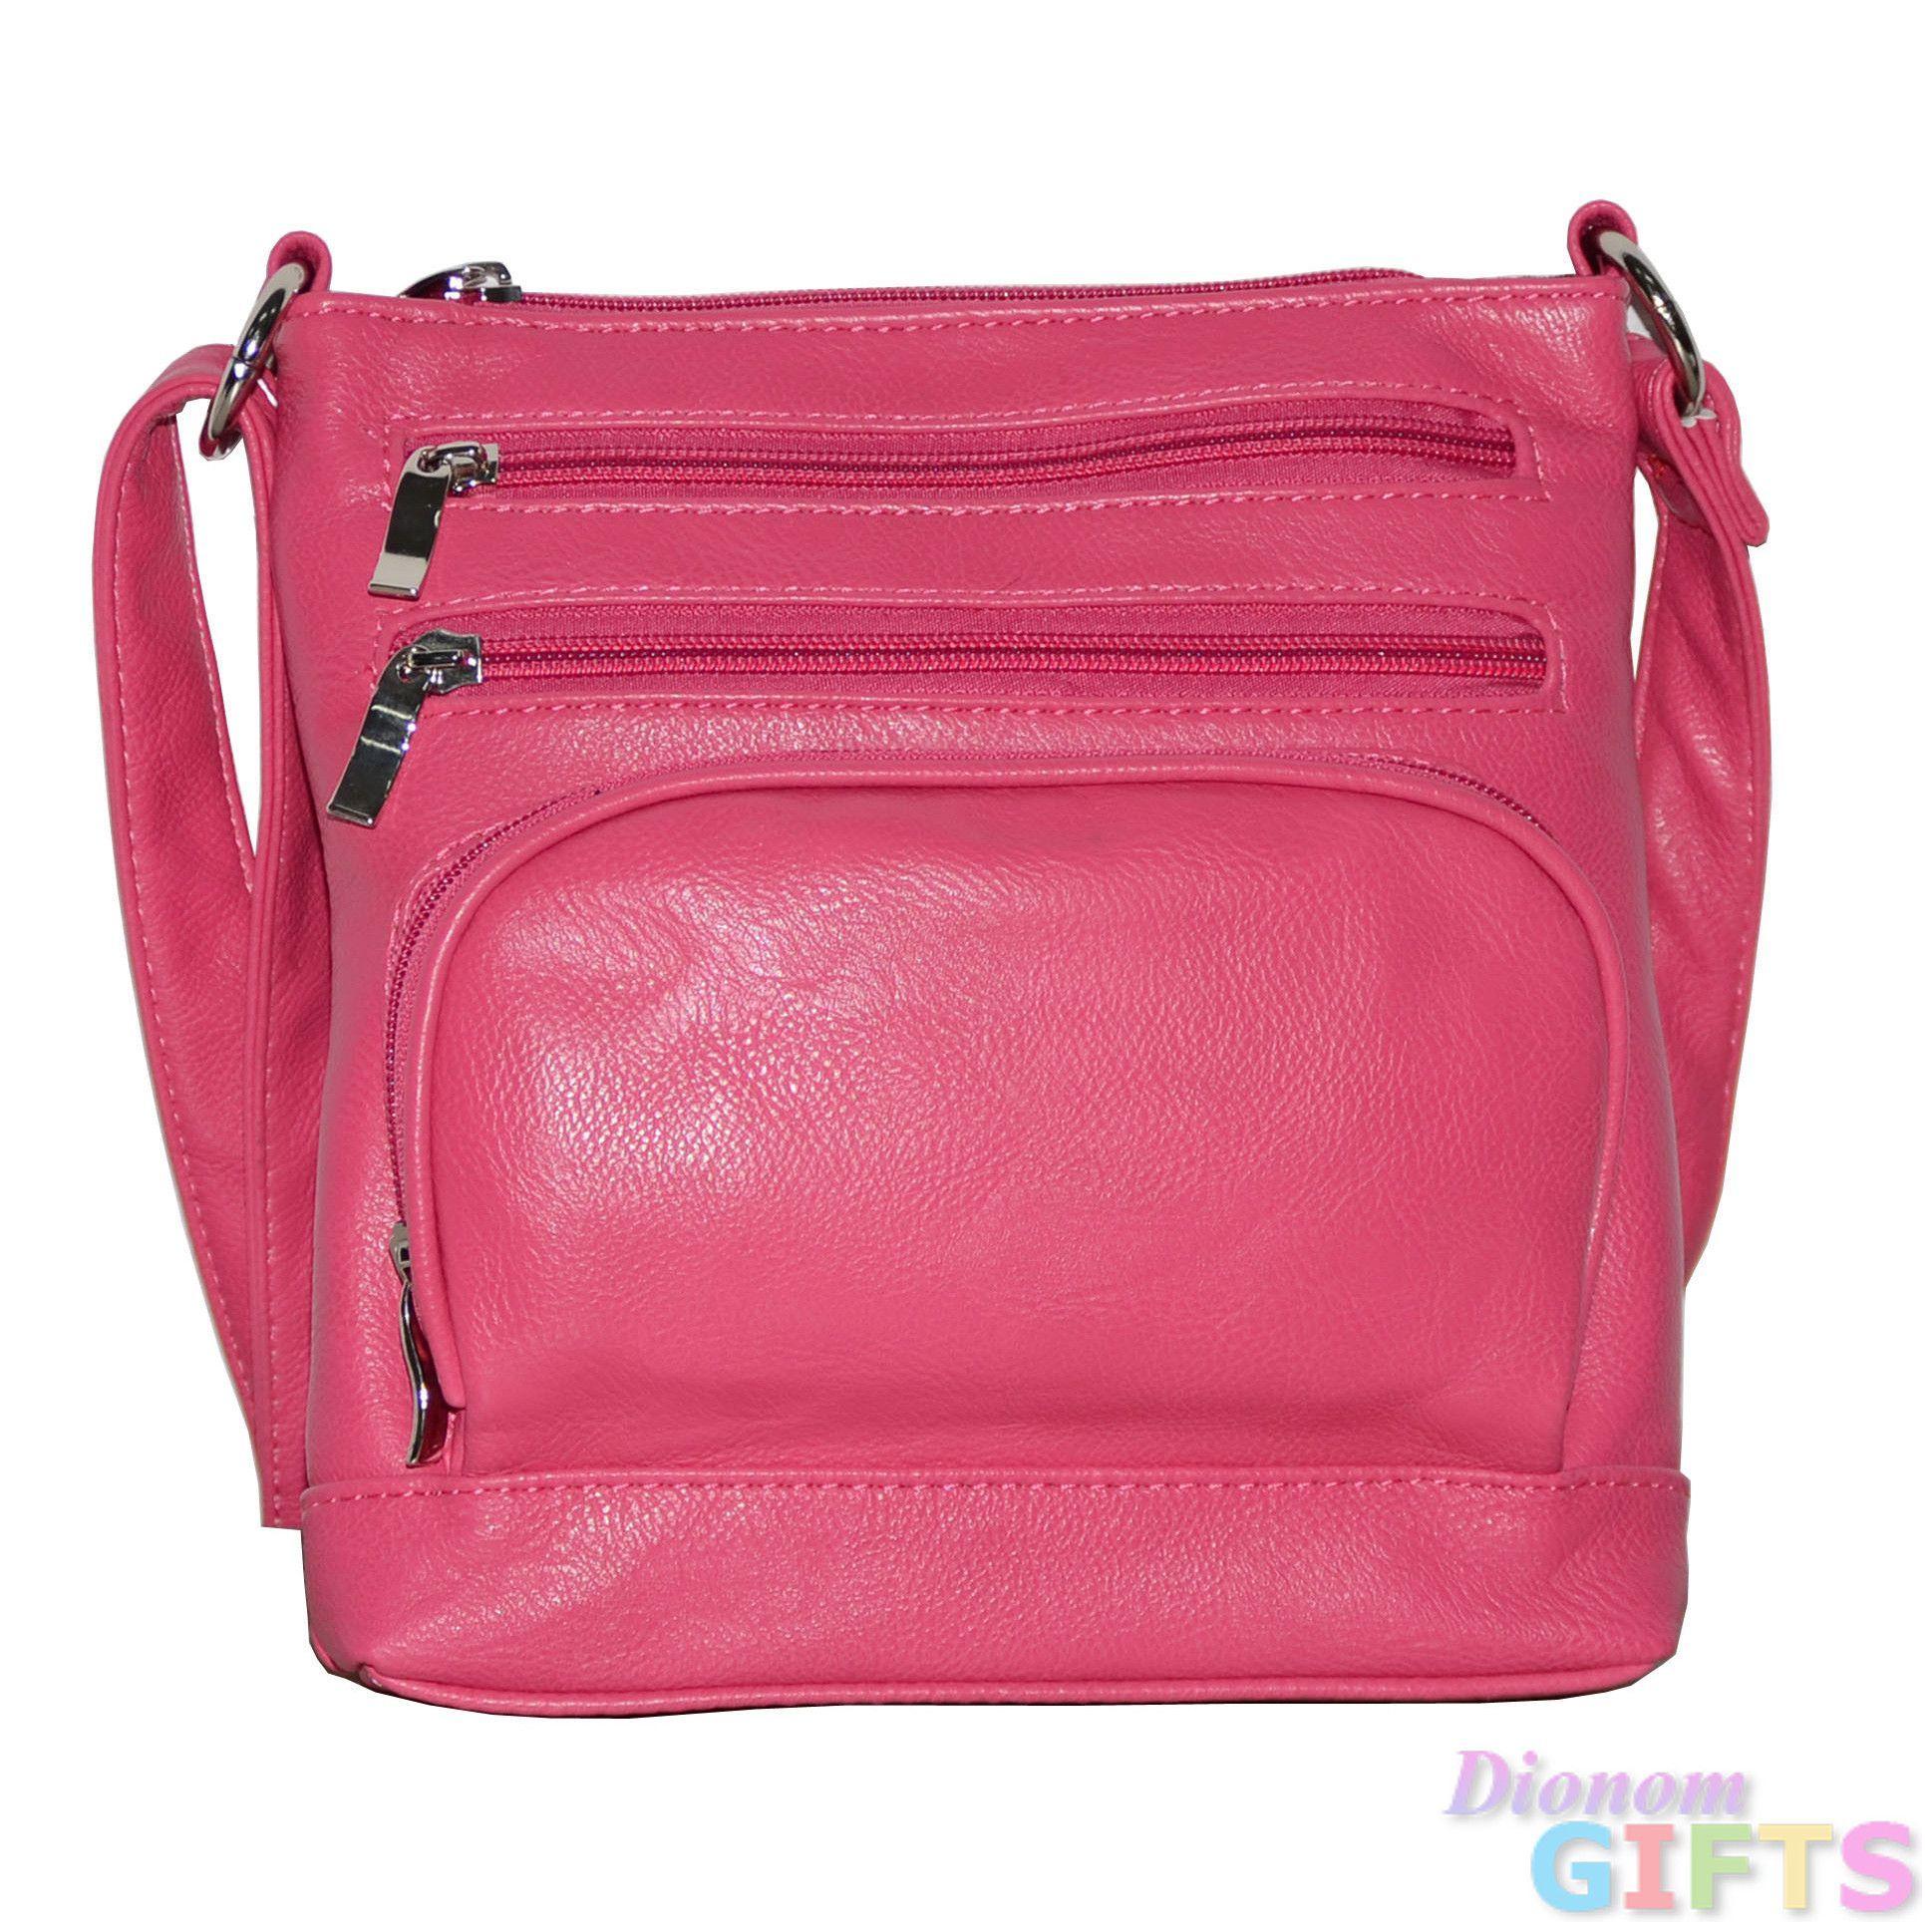 Eel skin checkbook wallet handbags collection pinterest